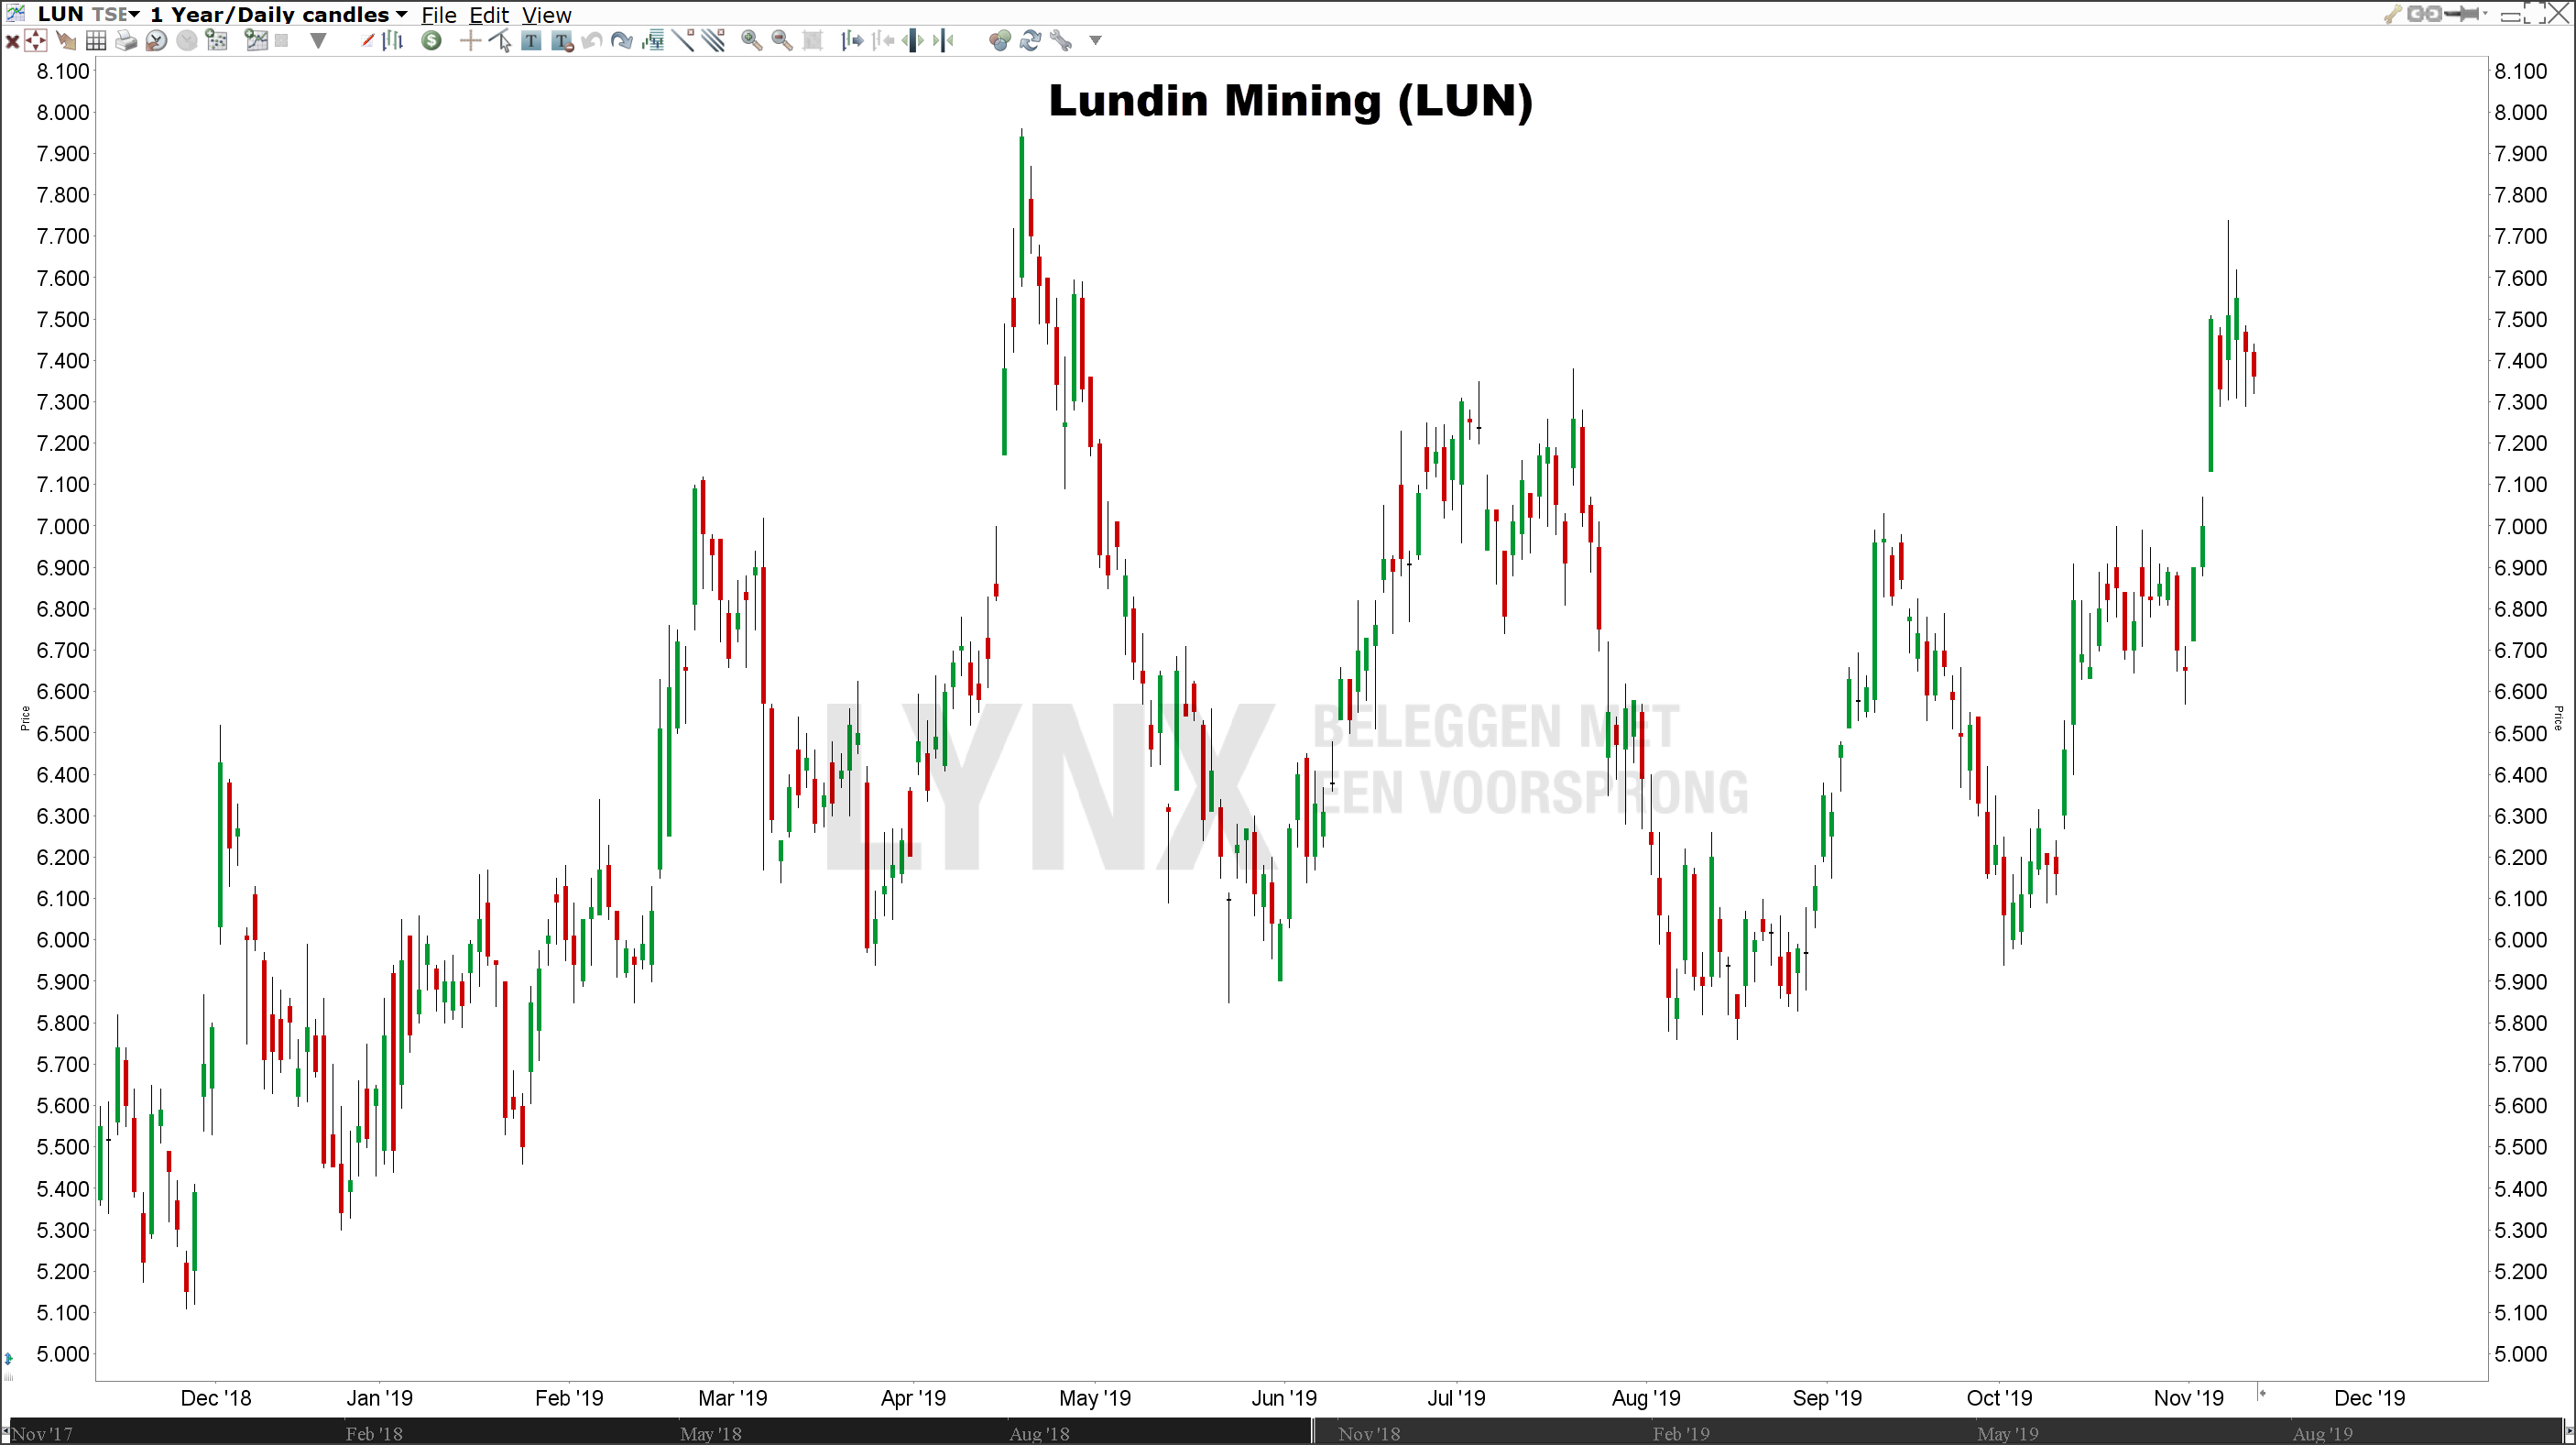 Lundin Mining aandeel | Beste koper aandelen 2019